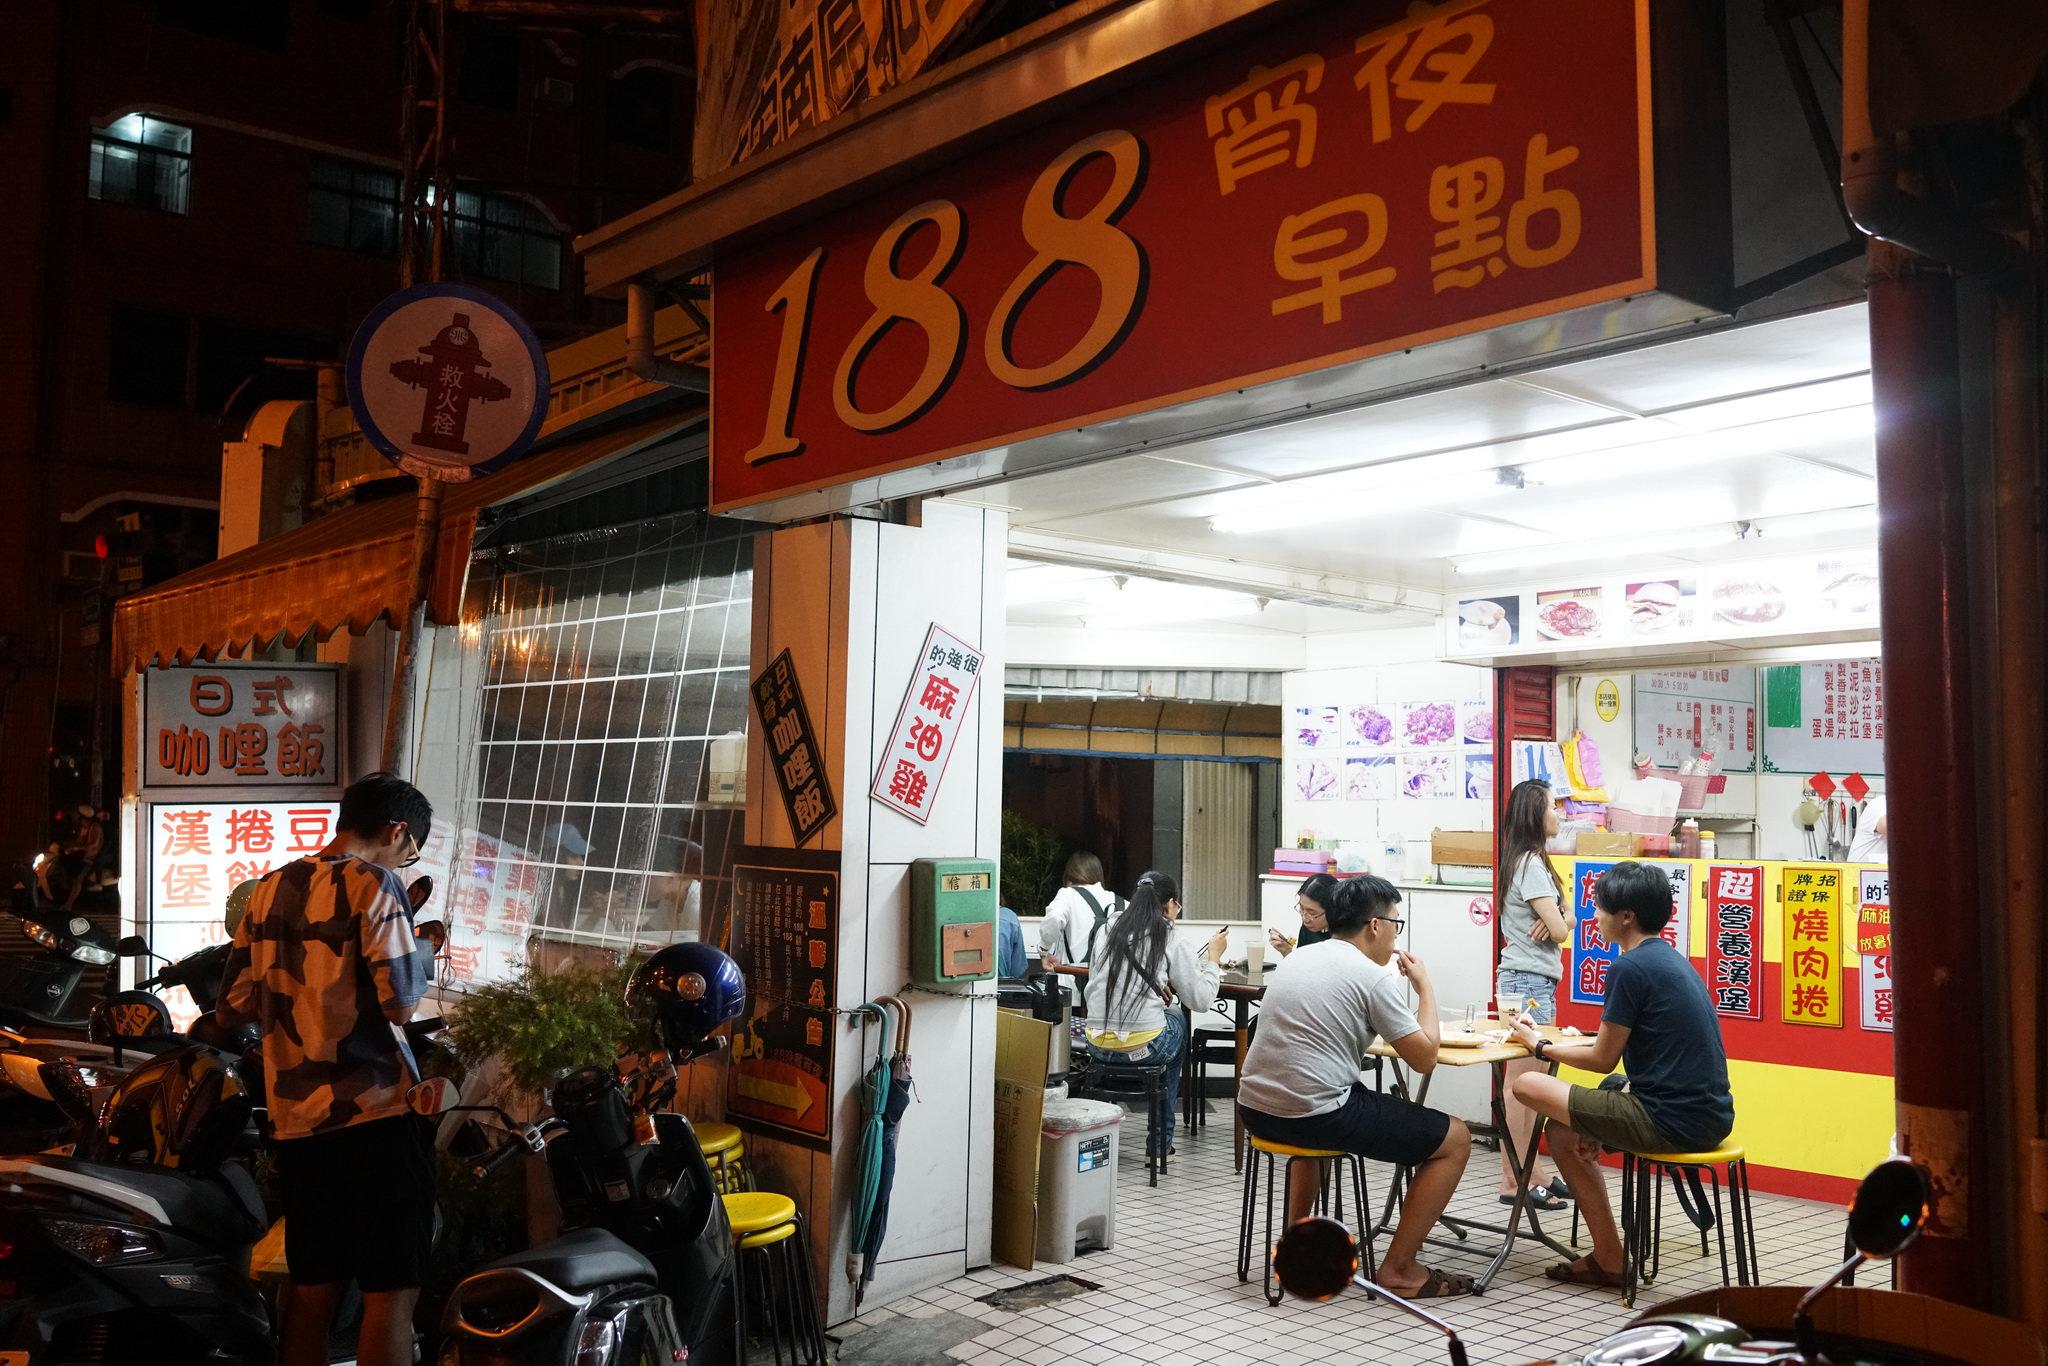 台南吃吃之旅 Day 1 167